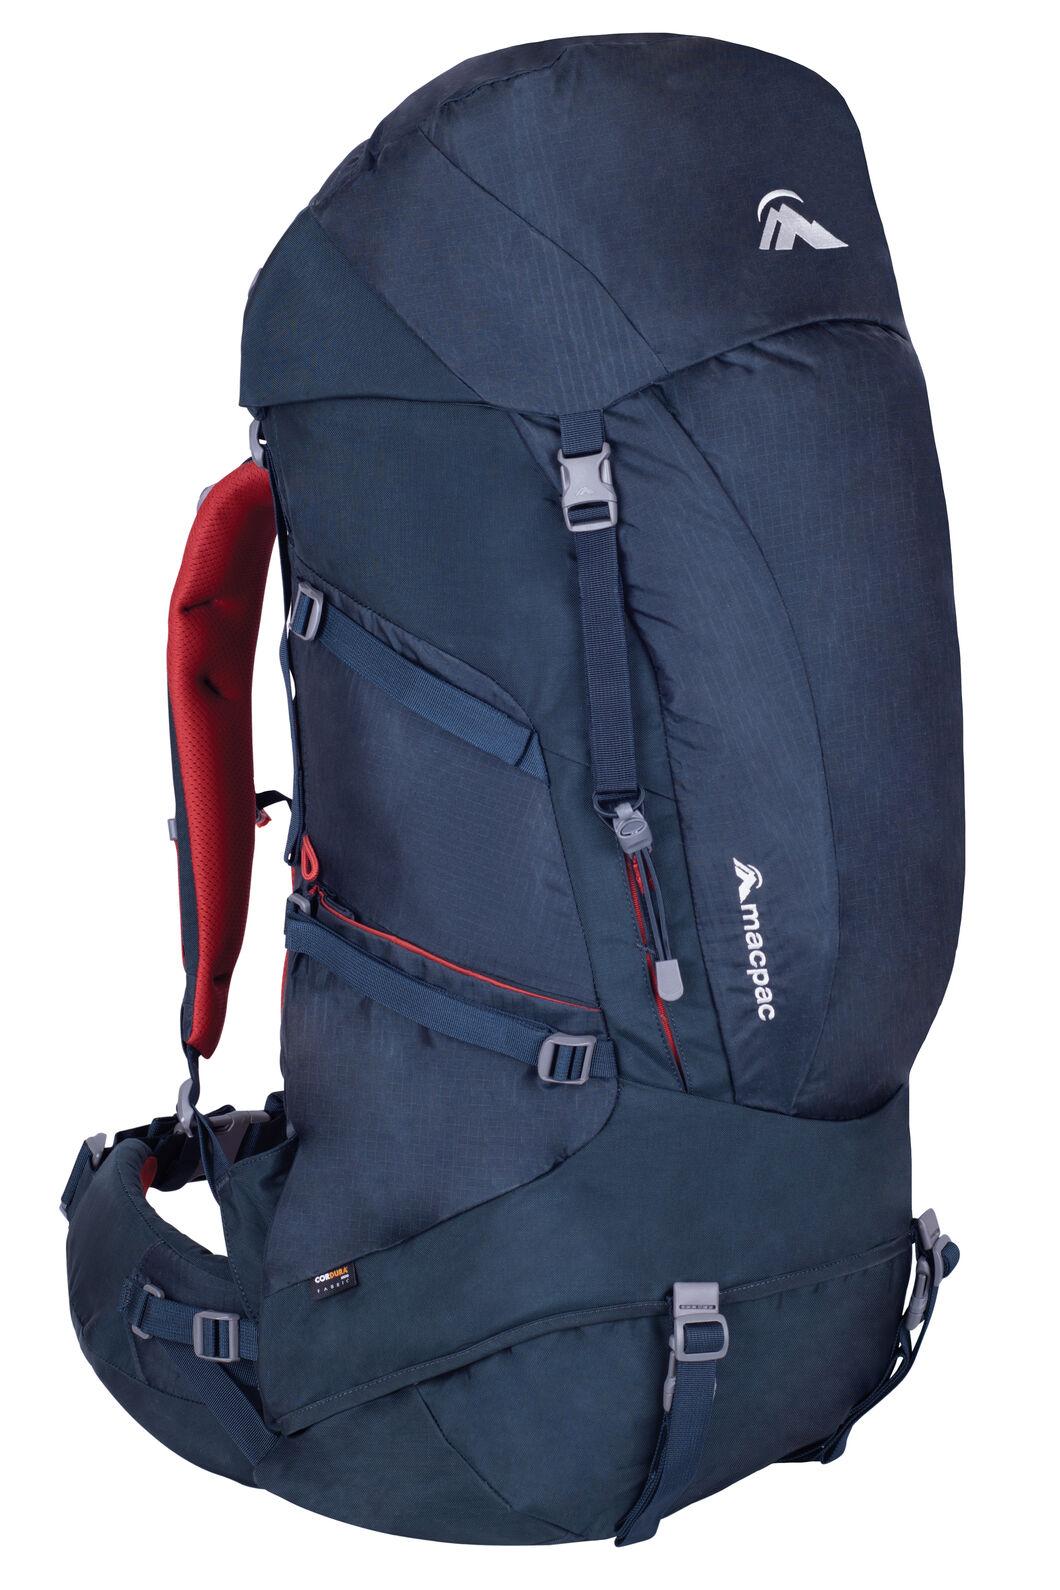 Macpac Torlesse 65L Hiking Pack, Carbon, hi-res